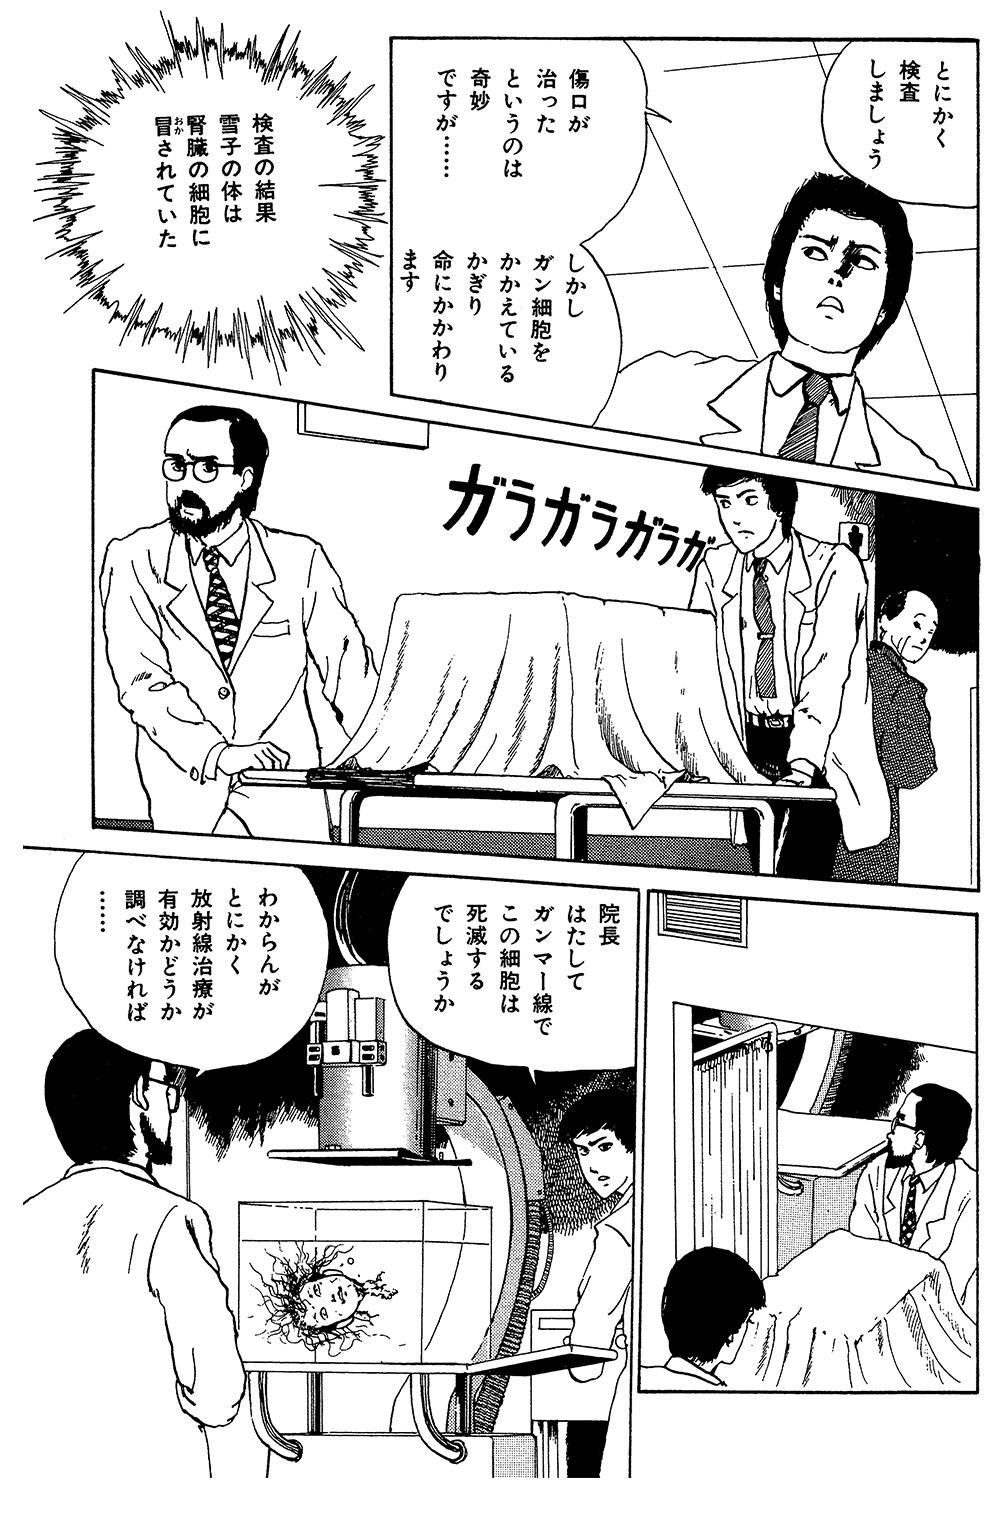 伊藤潤二傑作集 第3話「富江 地下室」②junji07-02.jpg